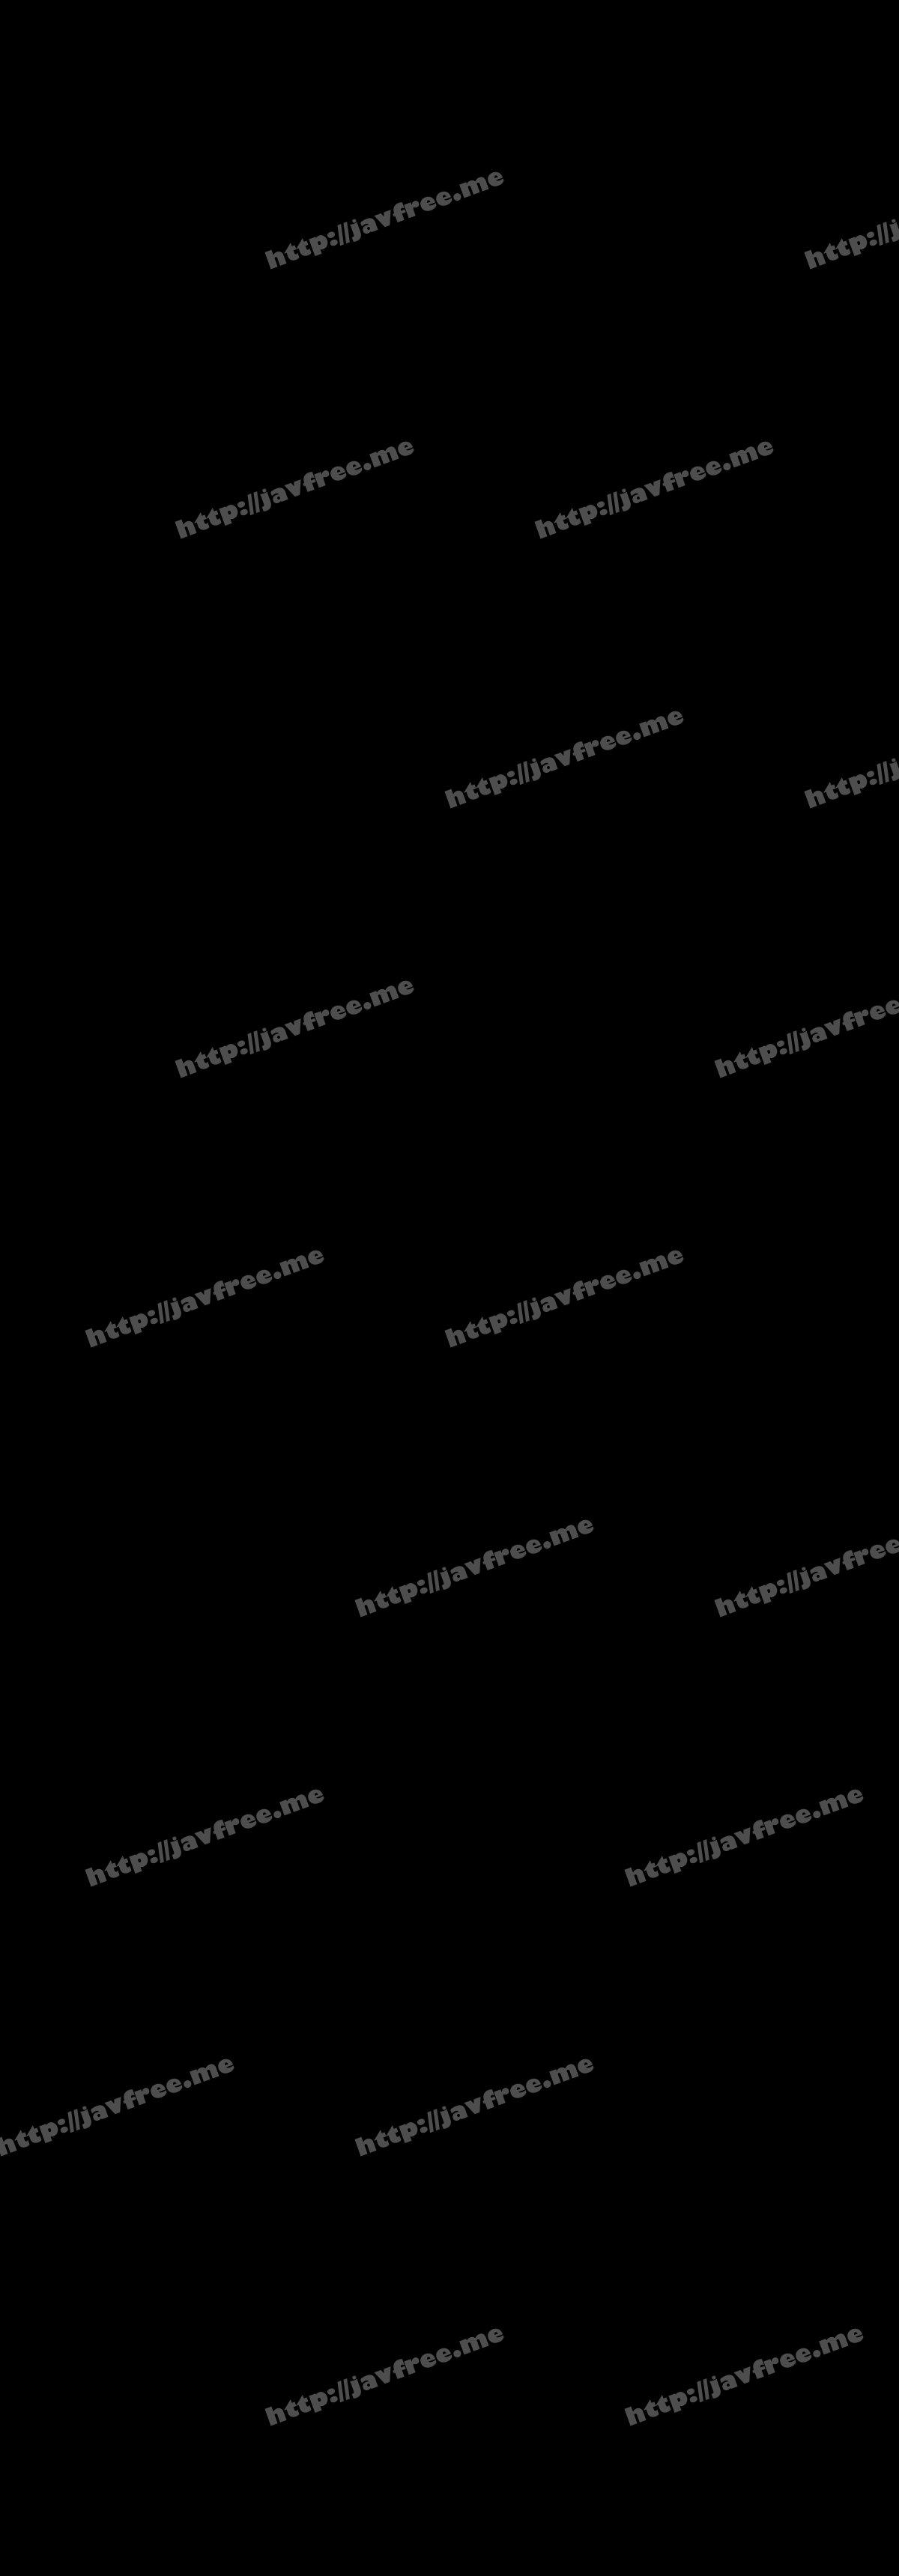 [HD][URLH-009] おっぱいで超誘惑してくる新人セクキャバ嬢6 れいら - image URLH-009-1080p on https://javfree.me